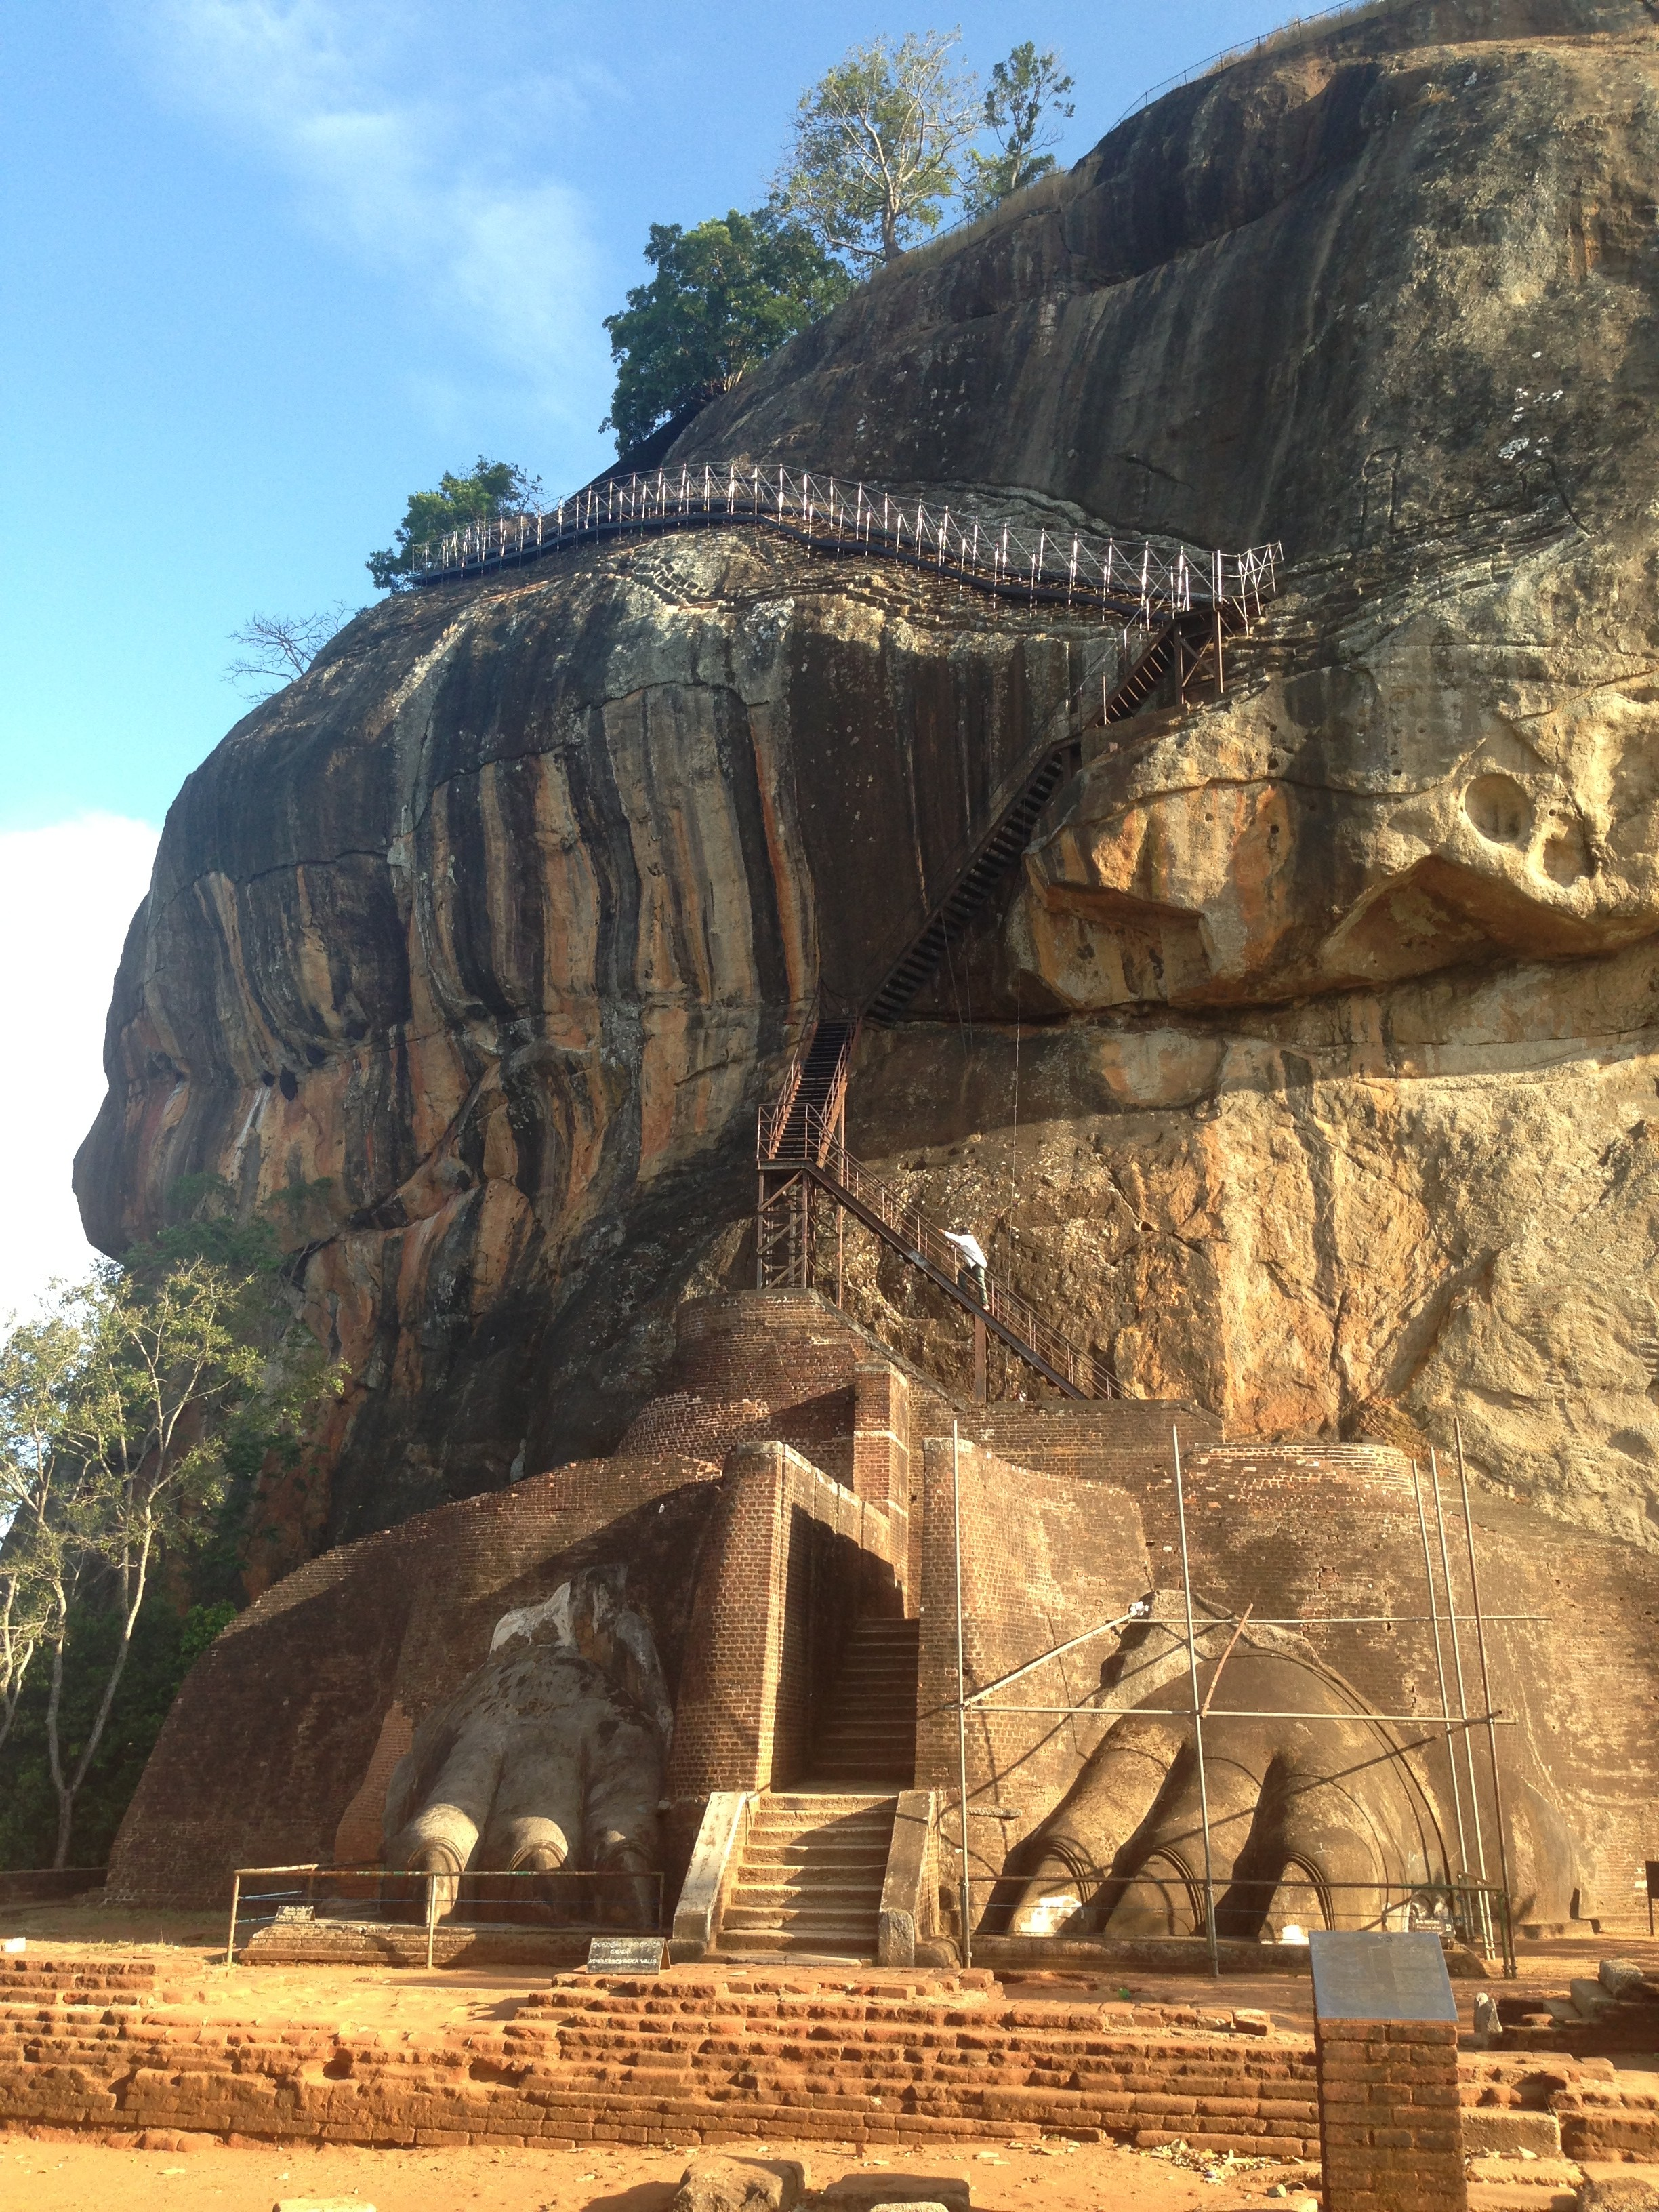 Sigiriya - showing lion's paws